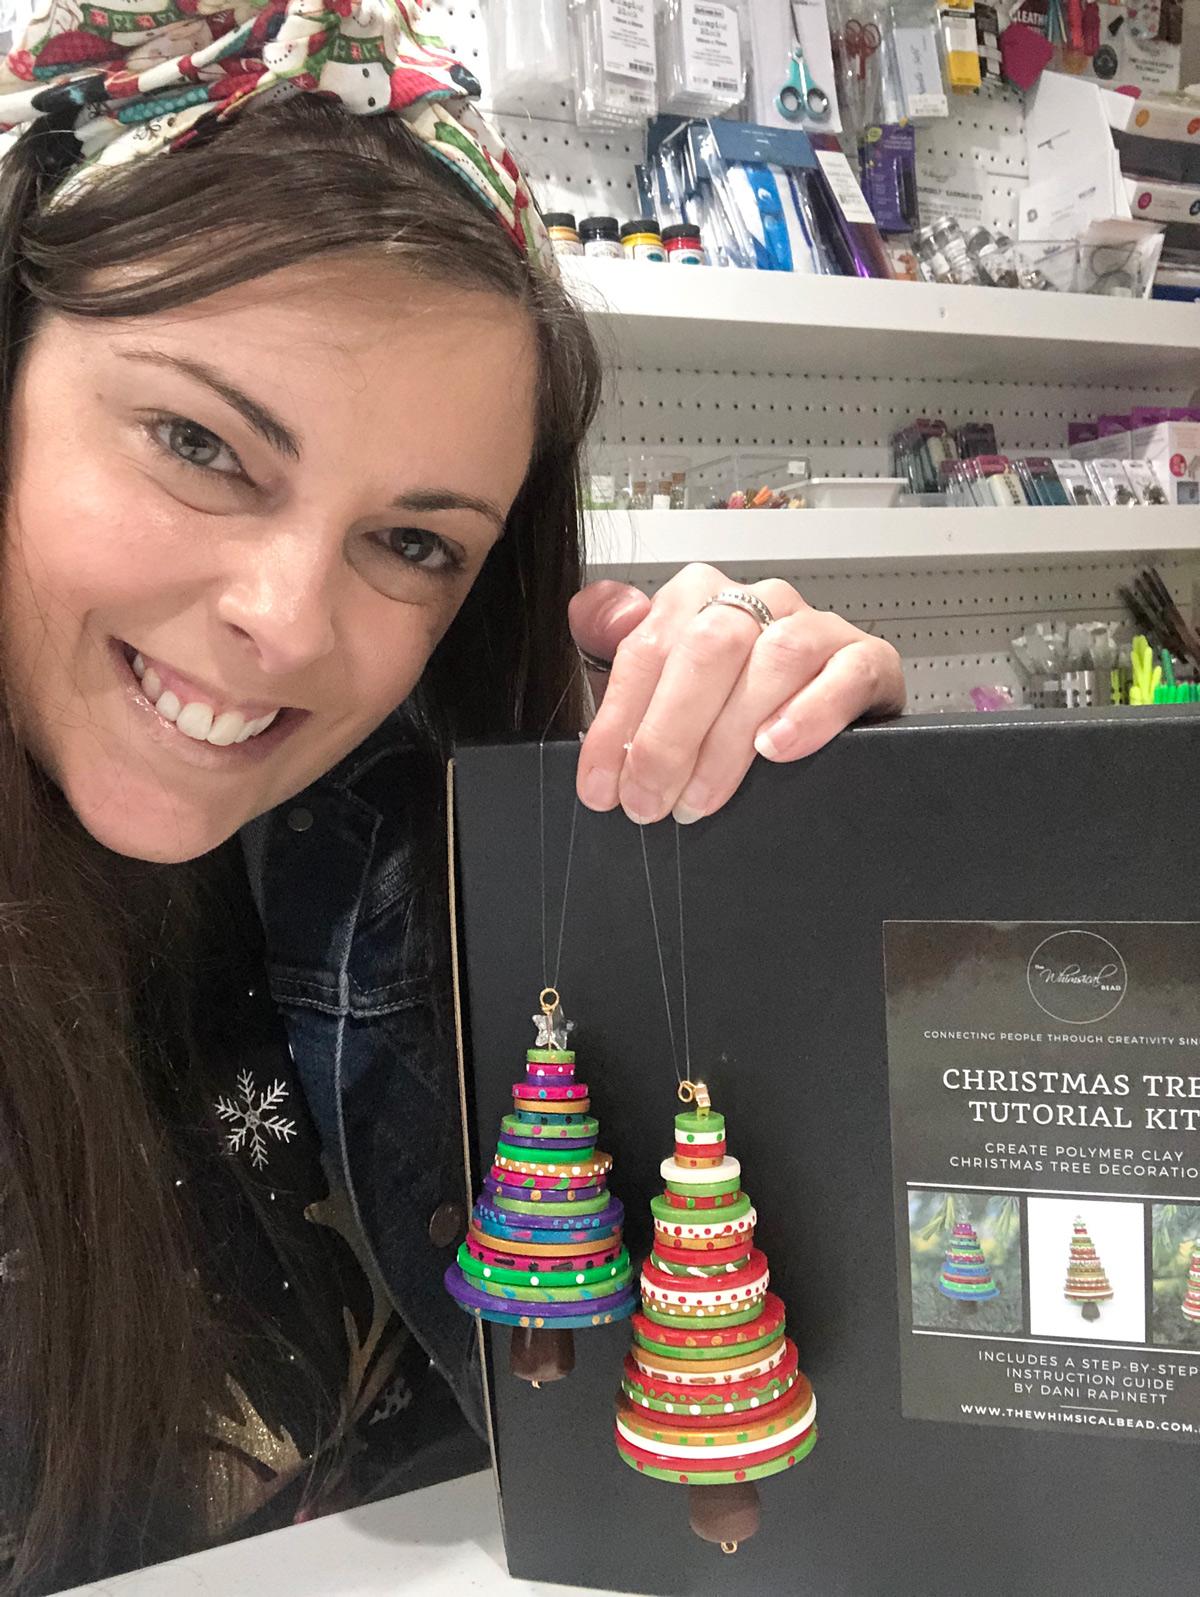 The Whimsical Bead Christmas Kits